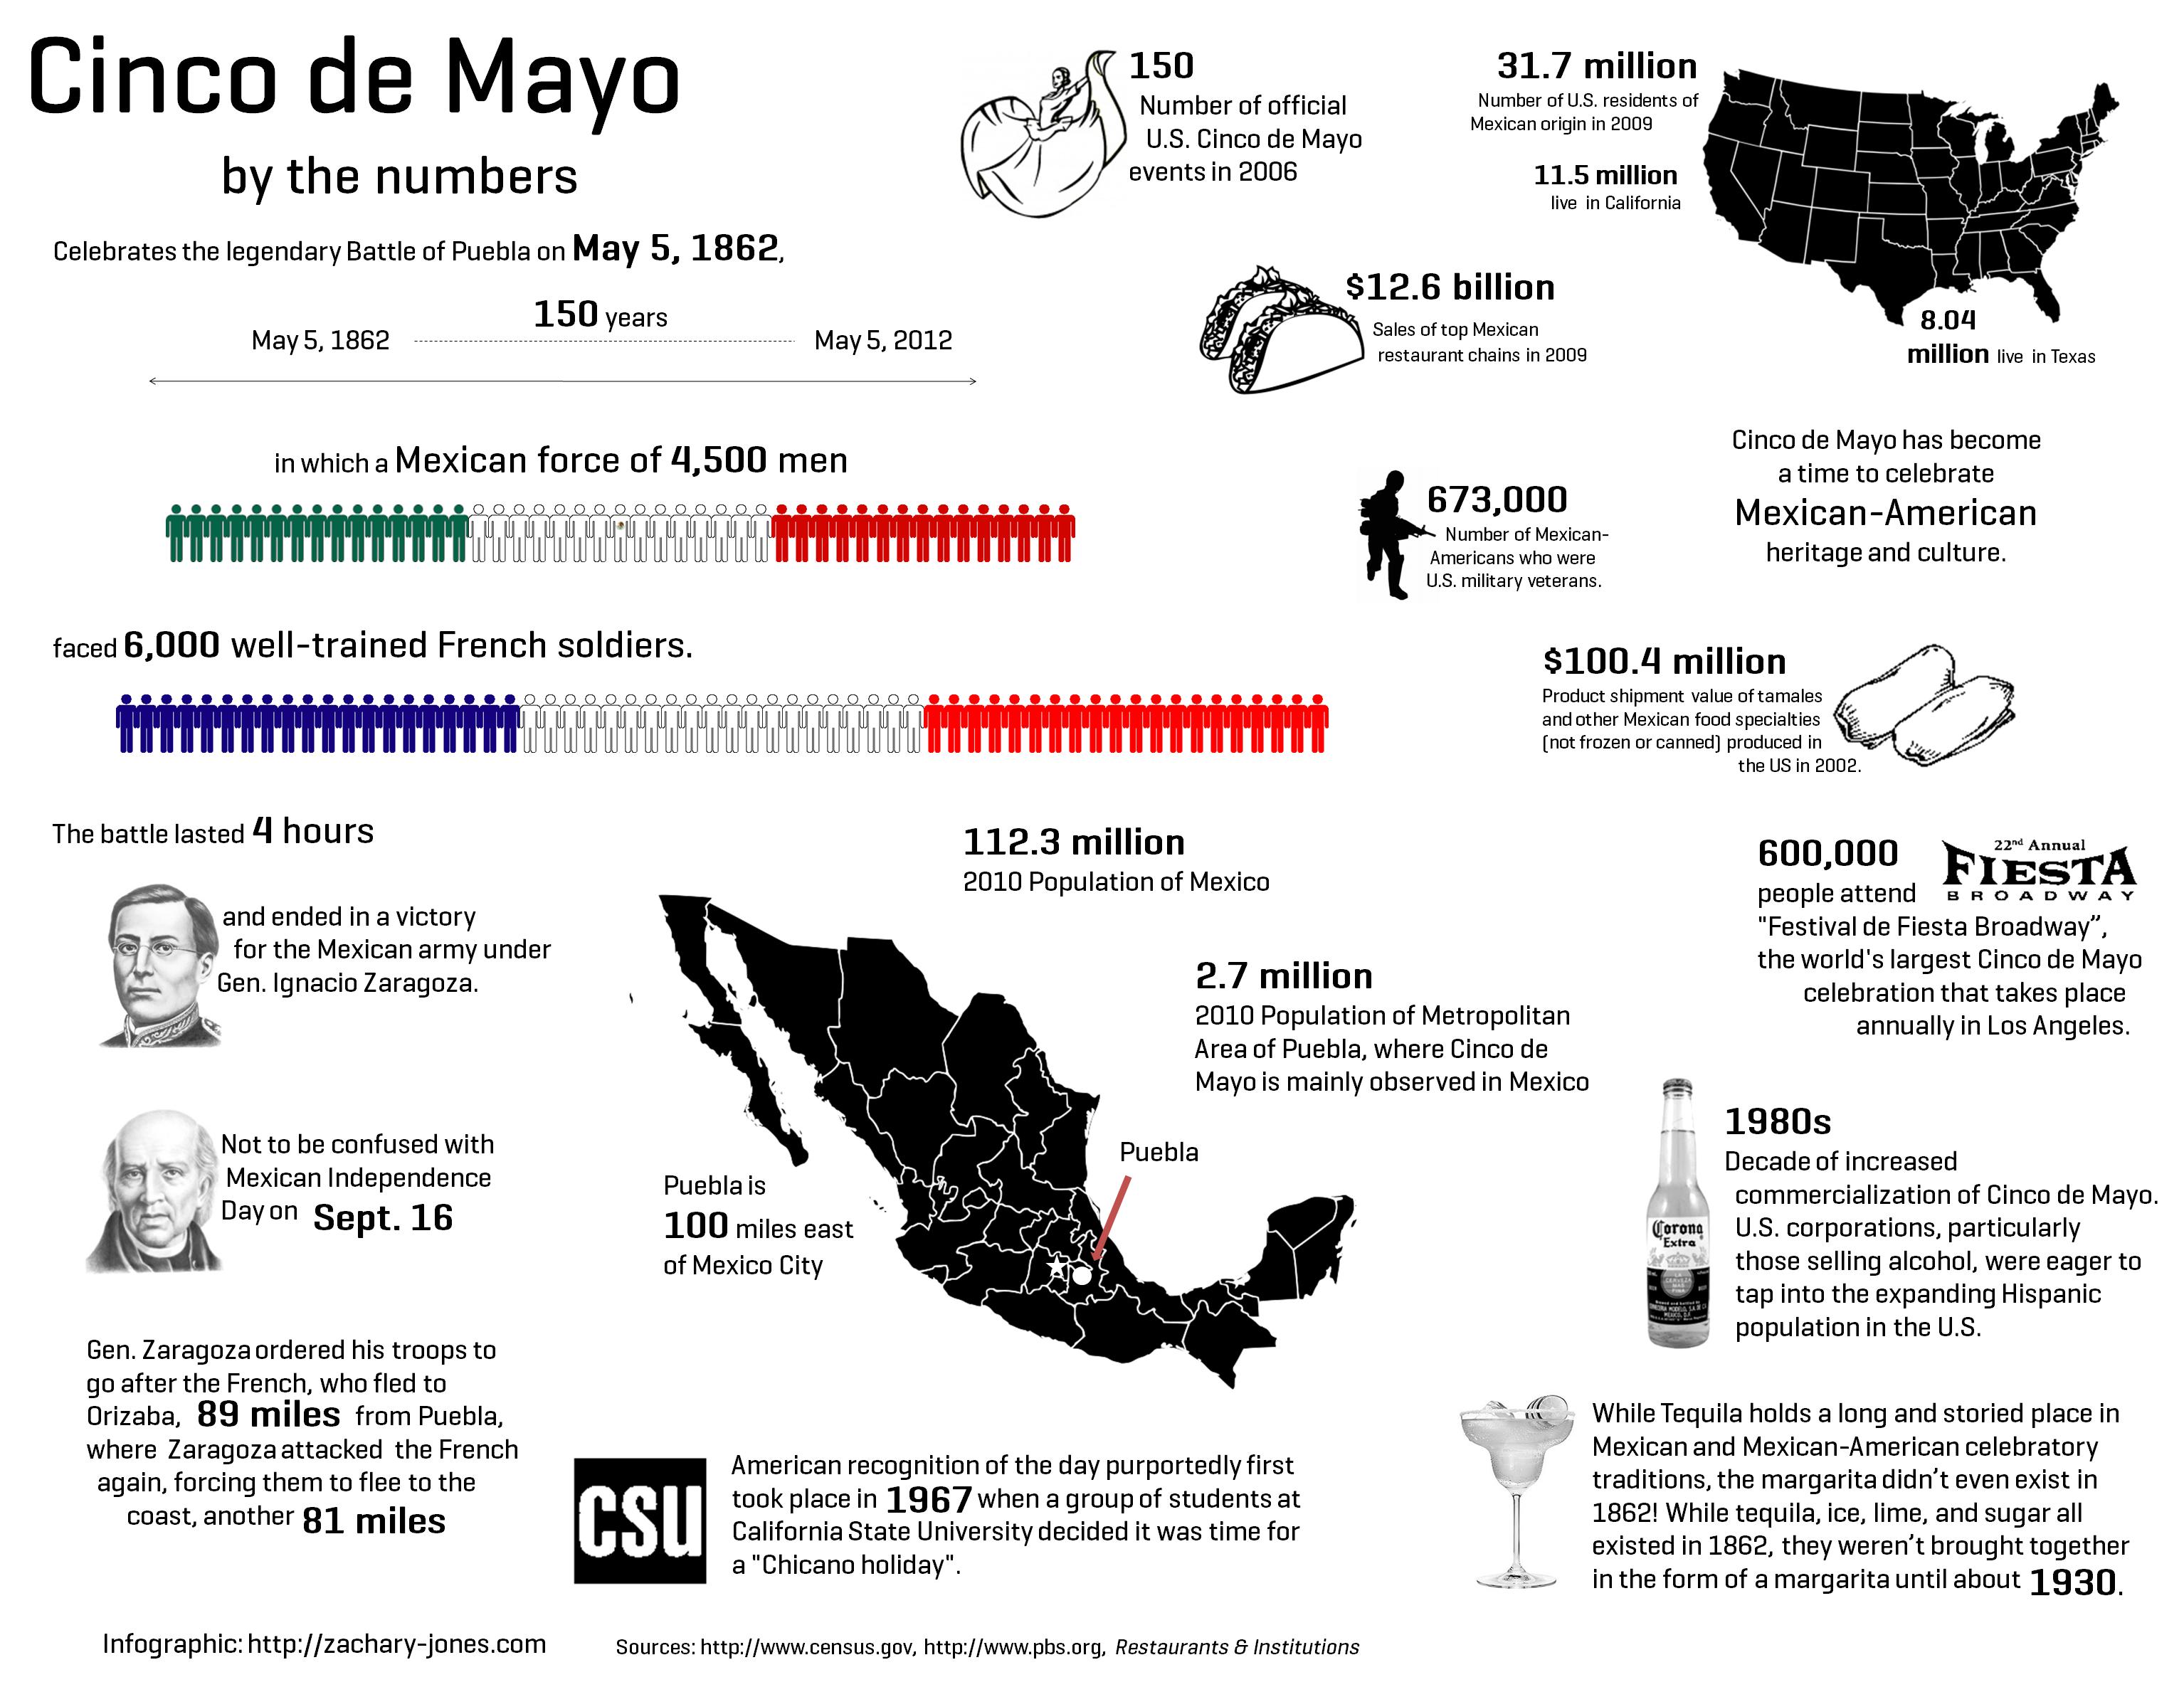 A Handy Visual History Of Cinco De Mayo